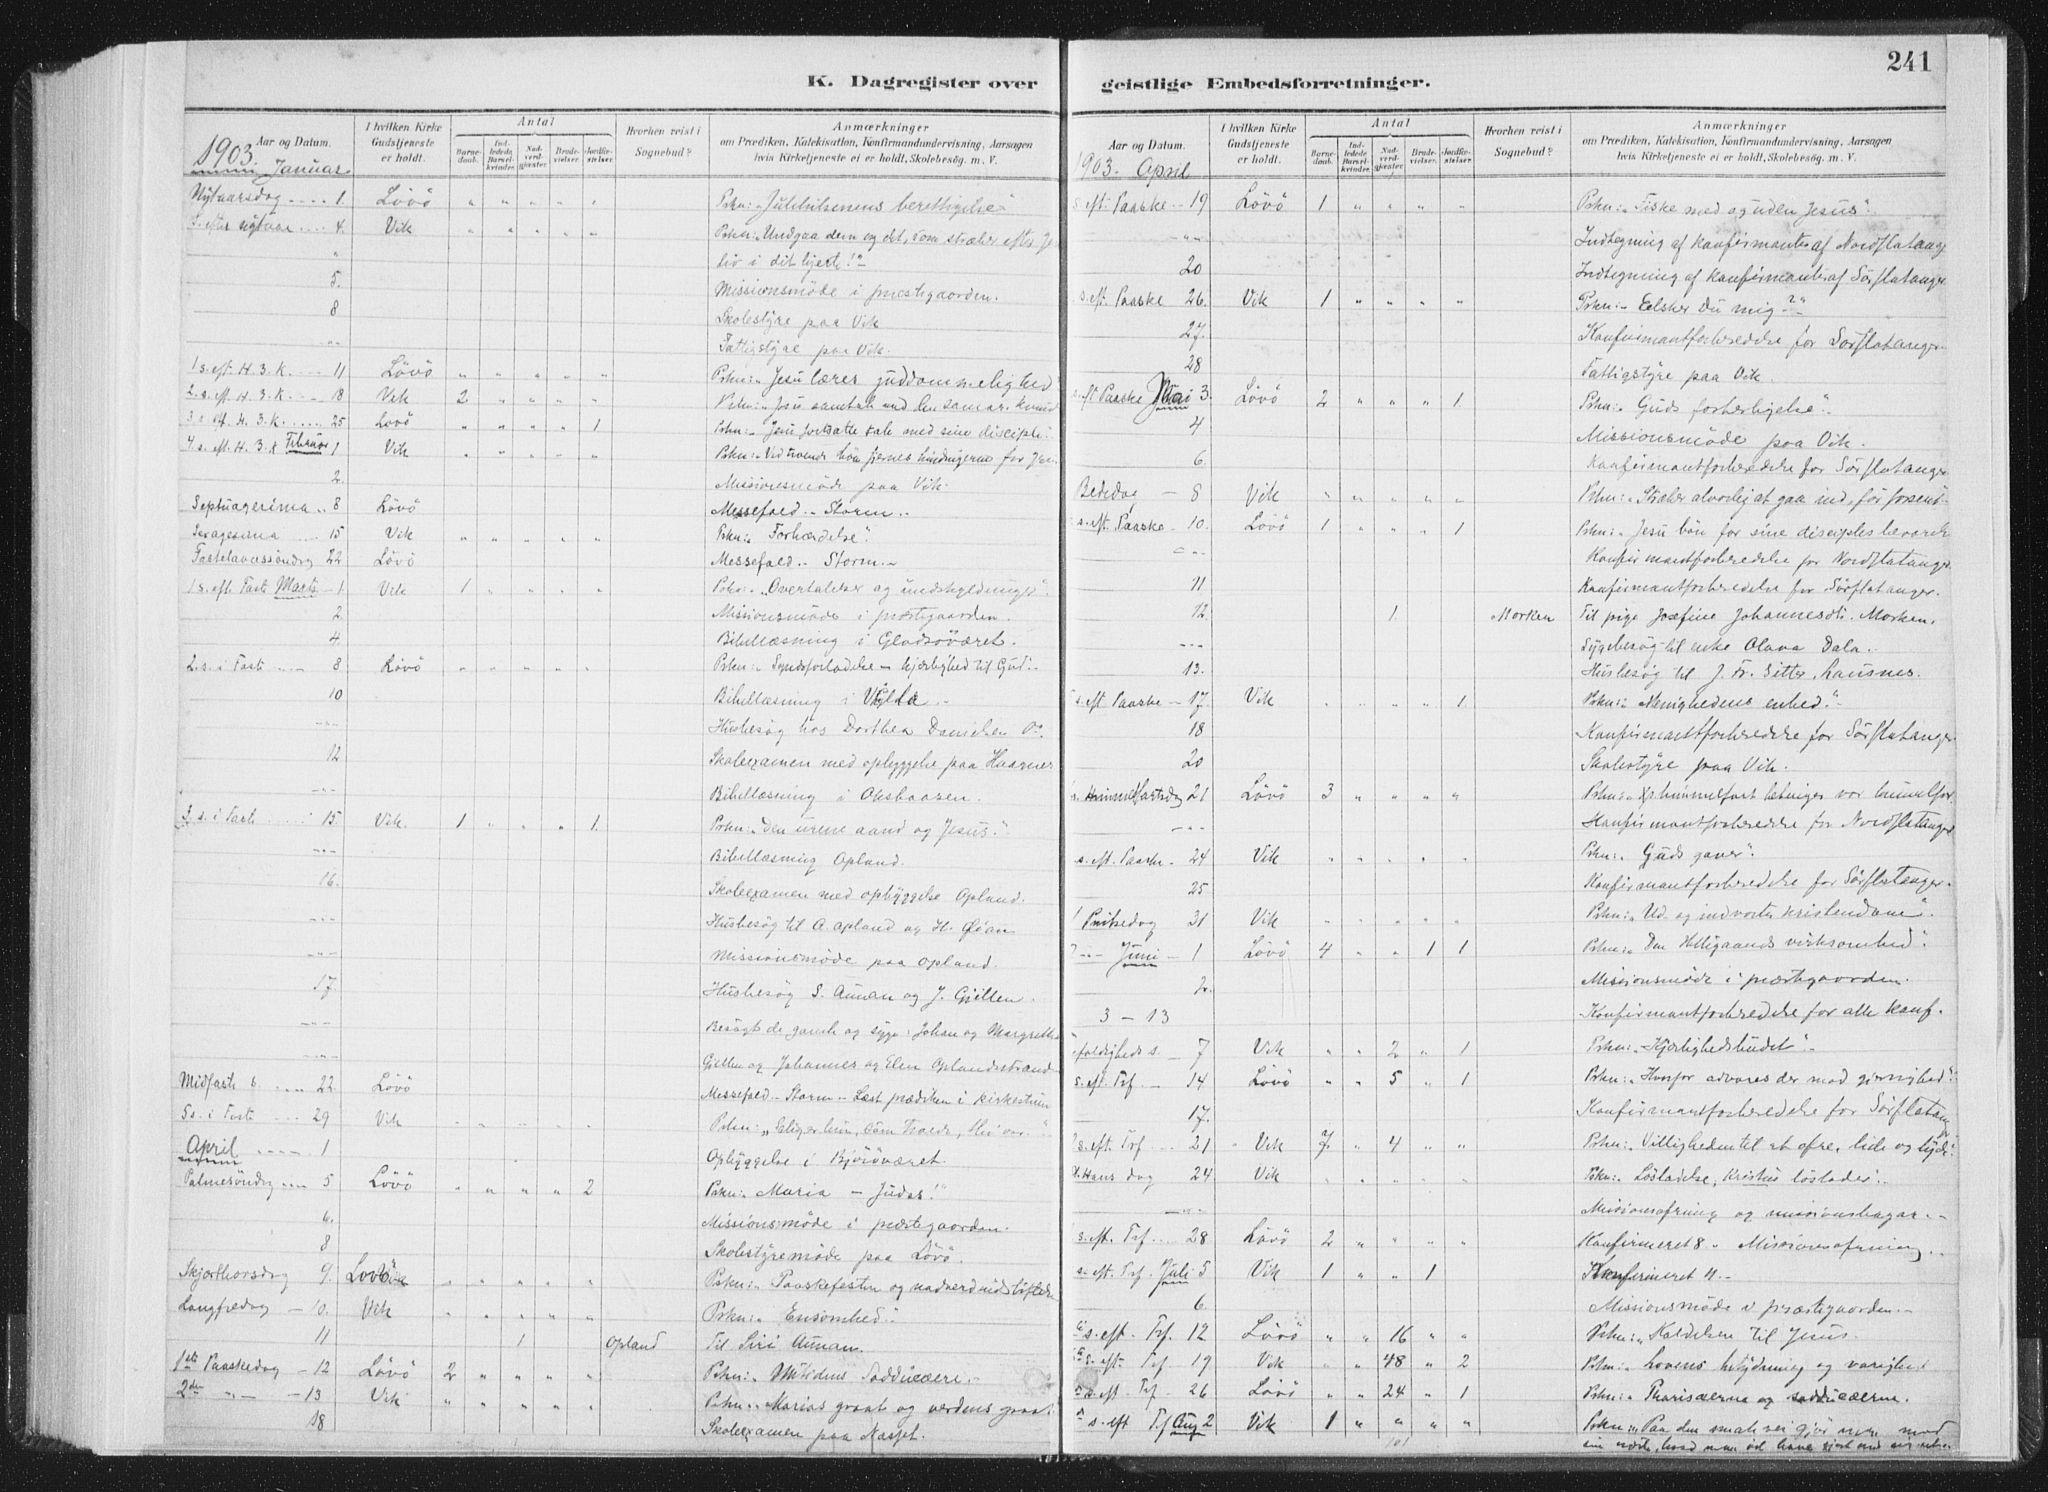 SAT, Ministerialprotokoller, klokkerbøker og fødselsregistre - Nord-Trøndelag, 771/L0597: Ministerialbok nr. 771A04, 1885-1910, s. 241